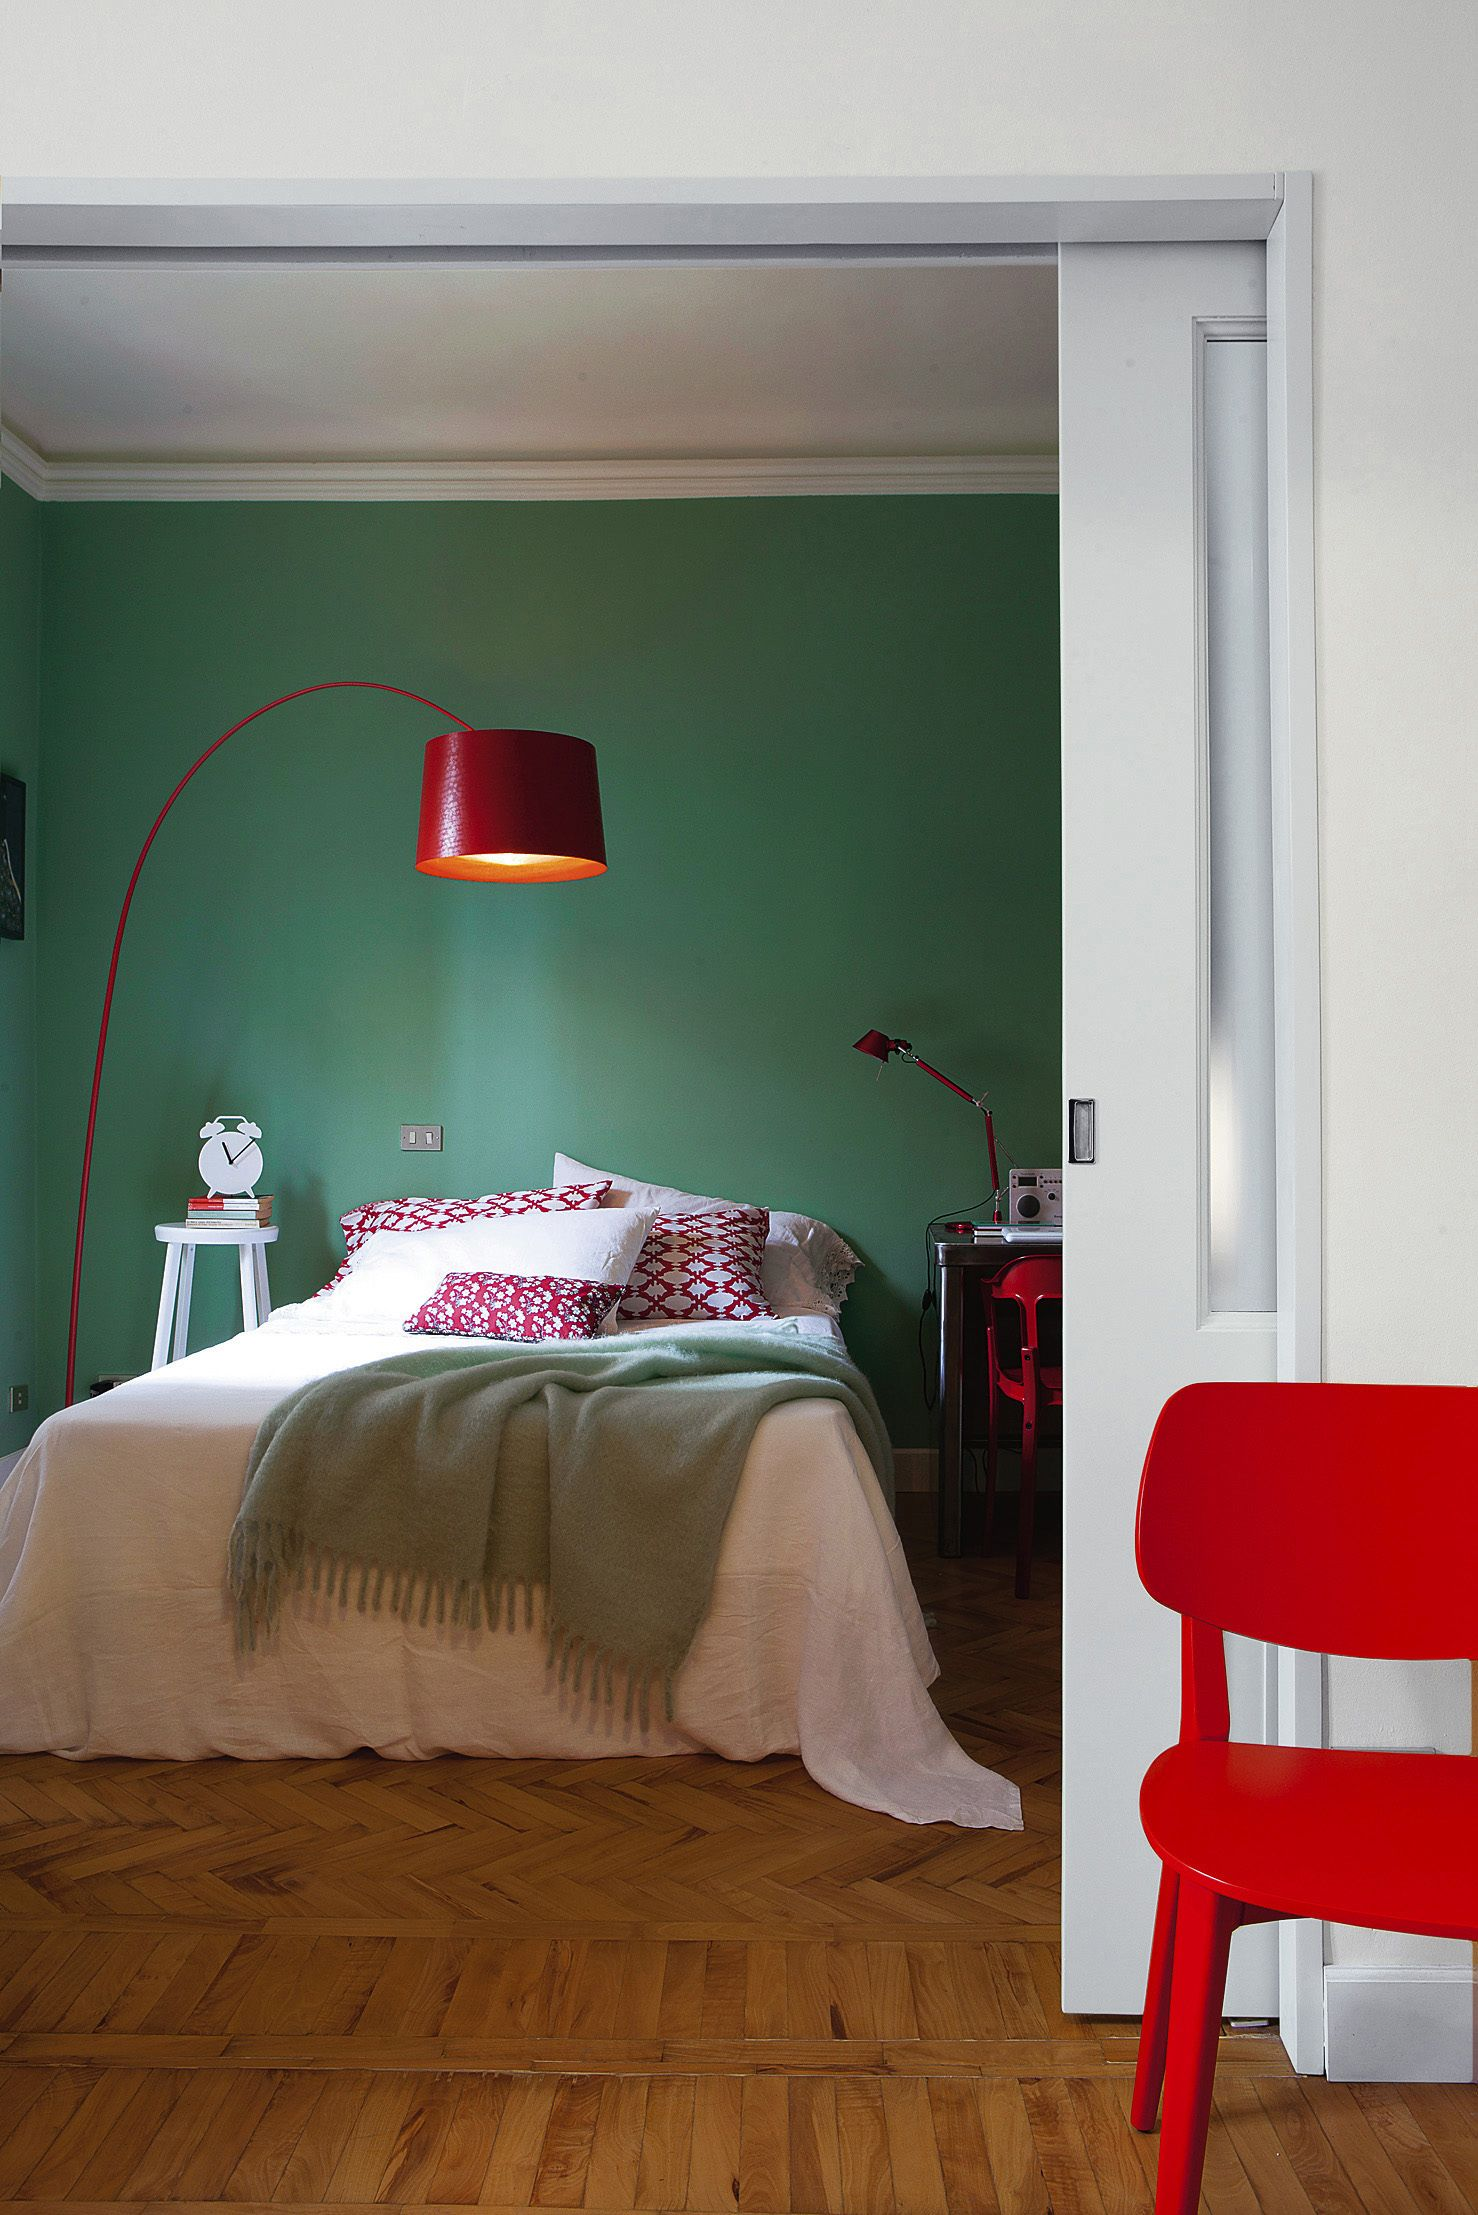 Buongiorno, devo imbiancare casa, la stiamo imbiancando tutta di bianco ma vorrei fare alcune pareti colorate. Tinteggiare Casa Fai Da Te Camera Da Letto Camera Da Letto Camera Da Letto Pareti Pareti Camera Da Letto Verde